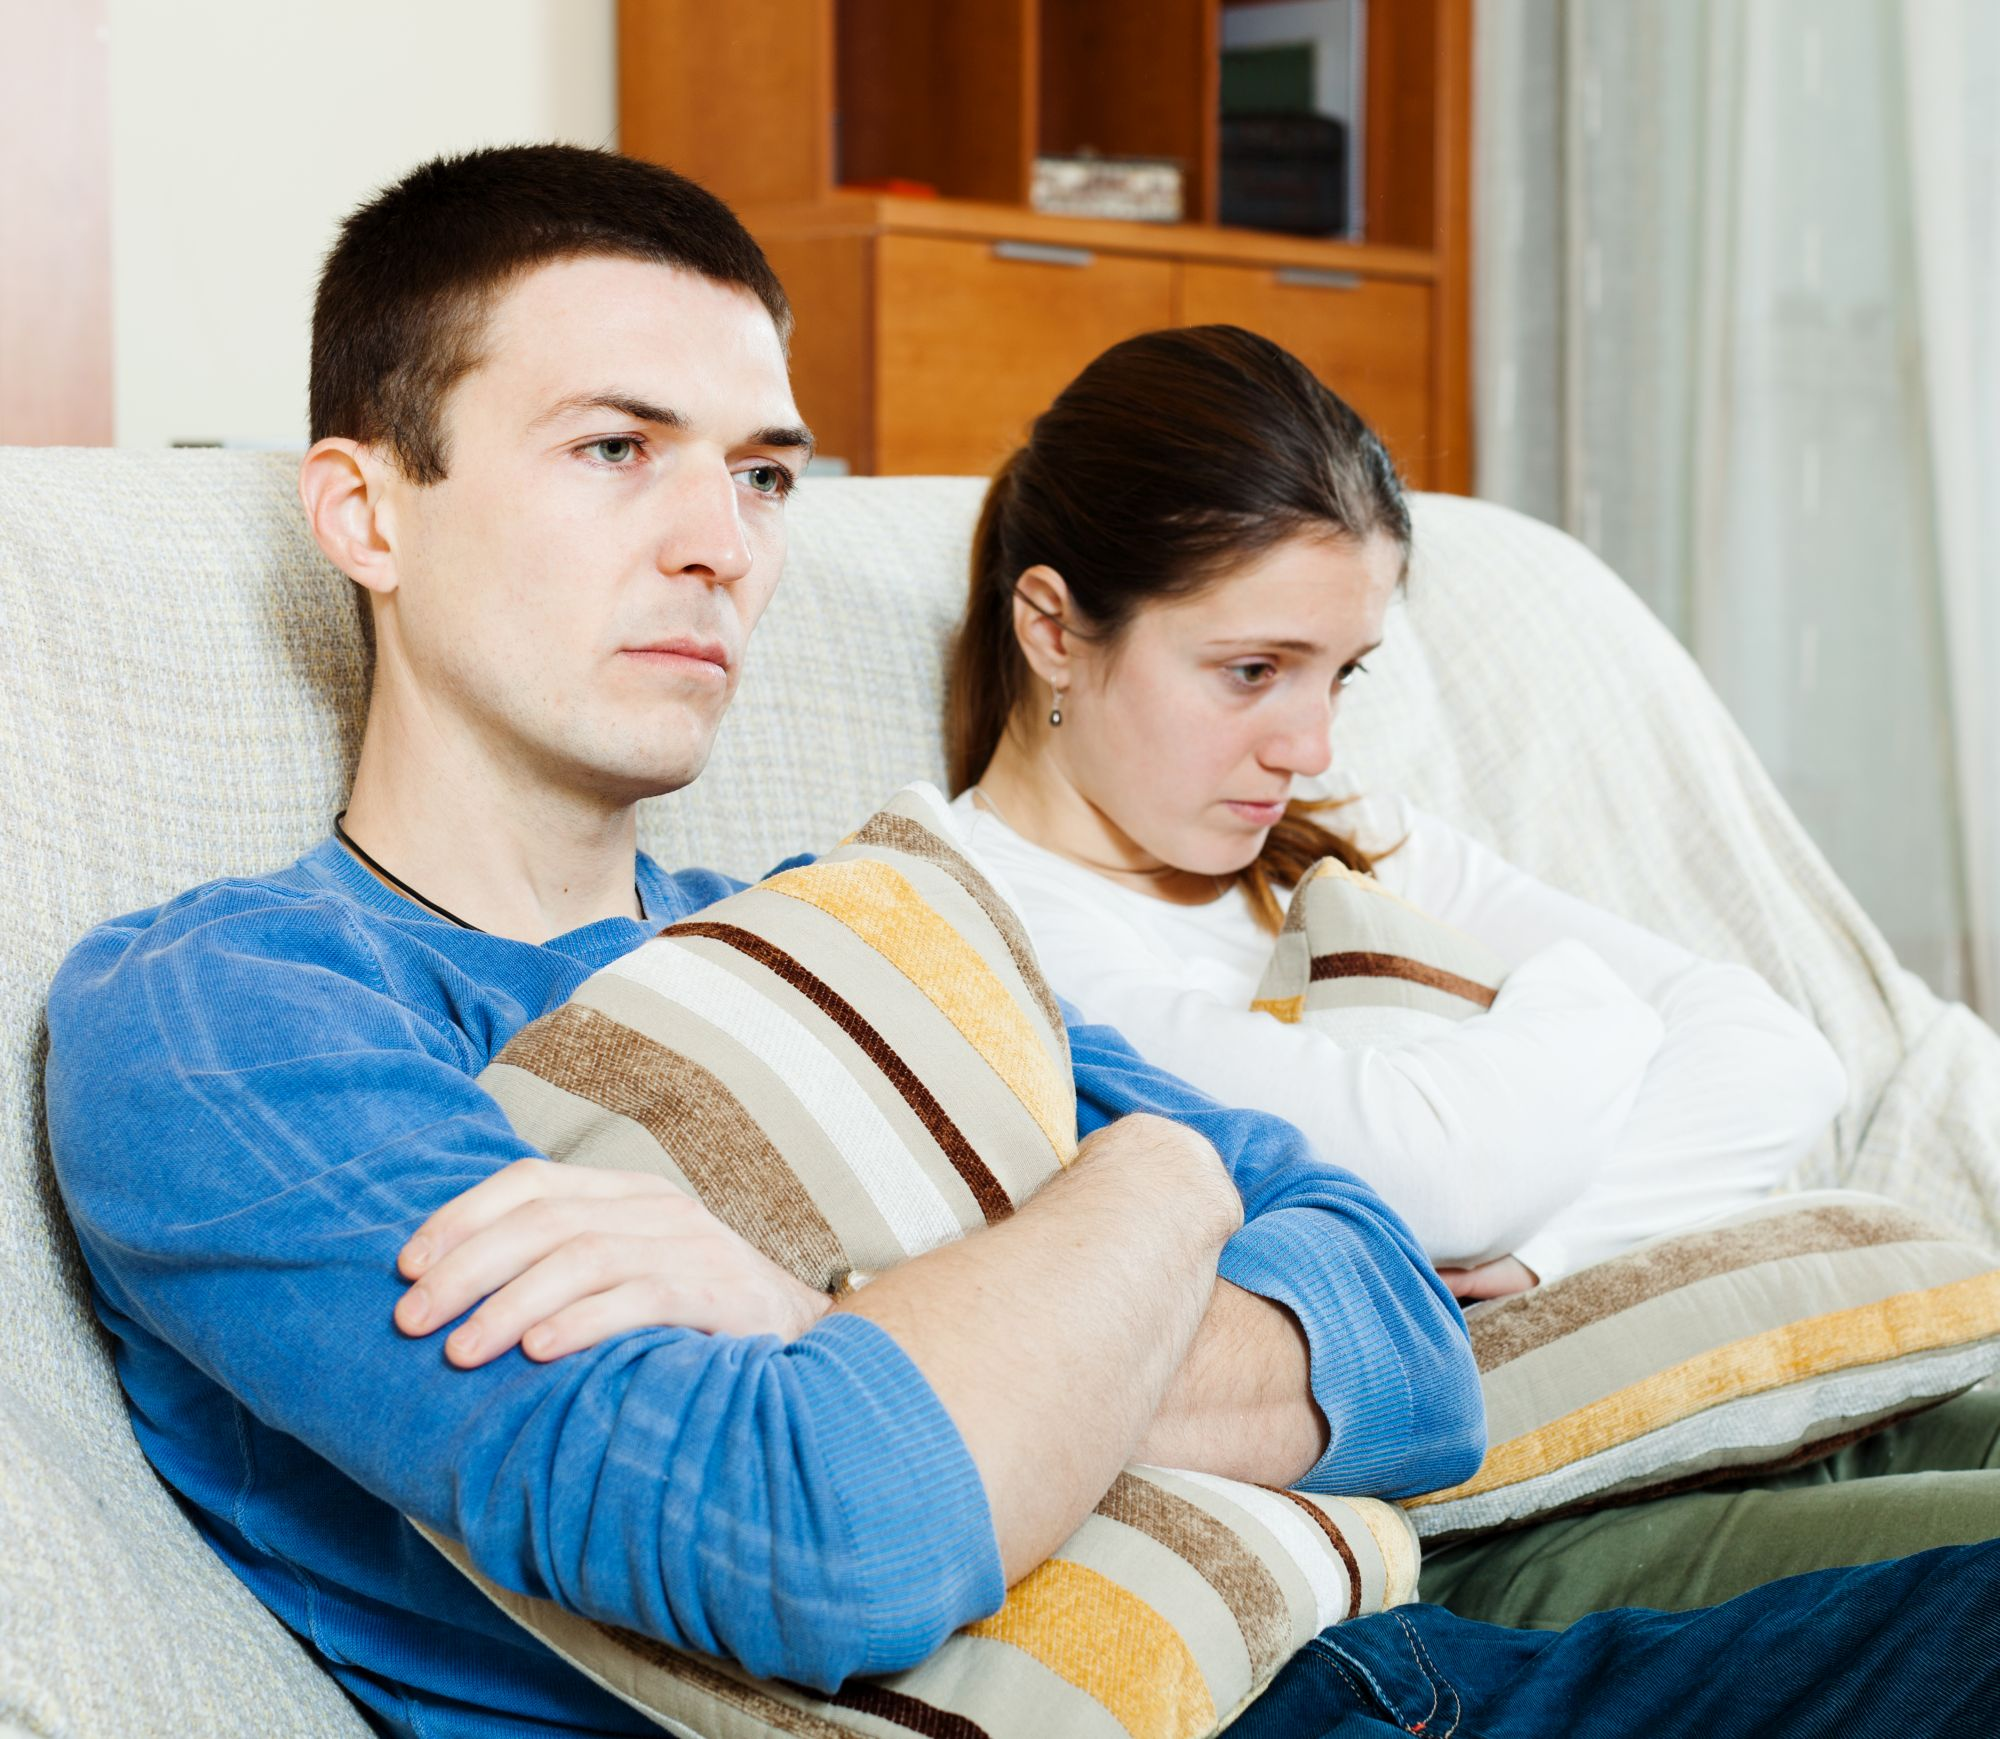 online dating ensimmäisen koko uksen jälkeen